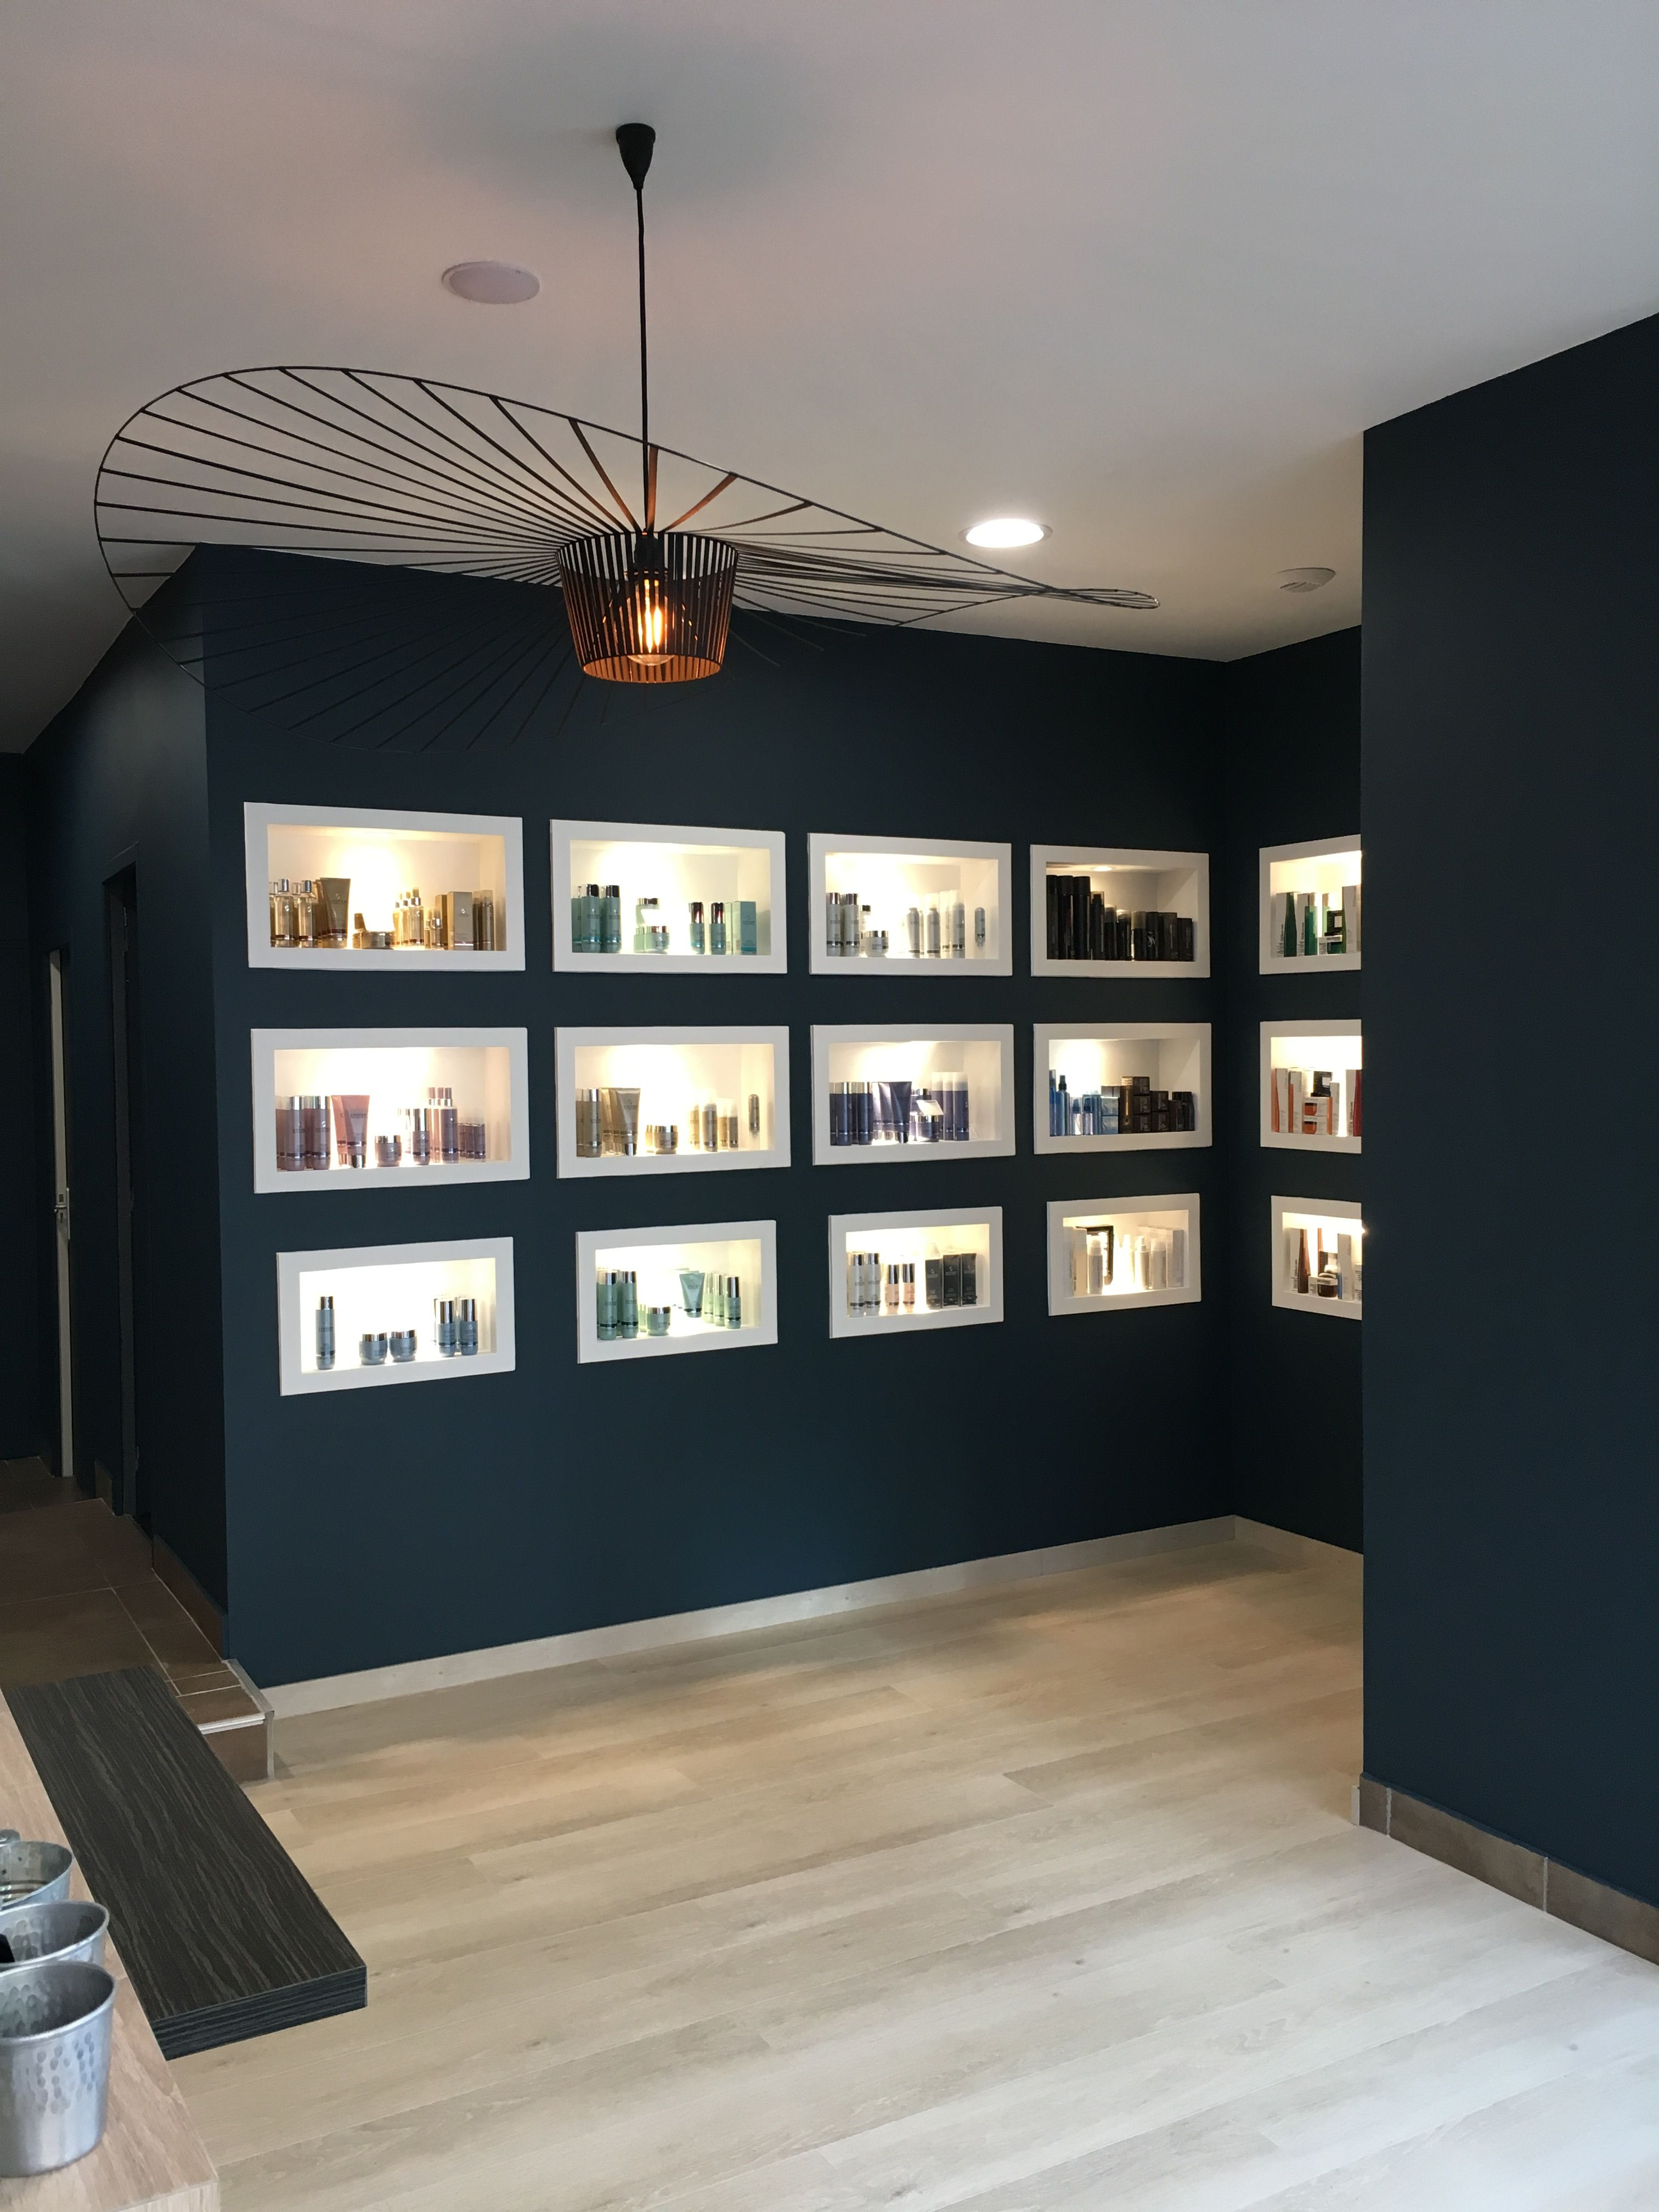 portfolio-architecture-16  Idee deco salon, Deco salon de coiffure